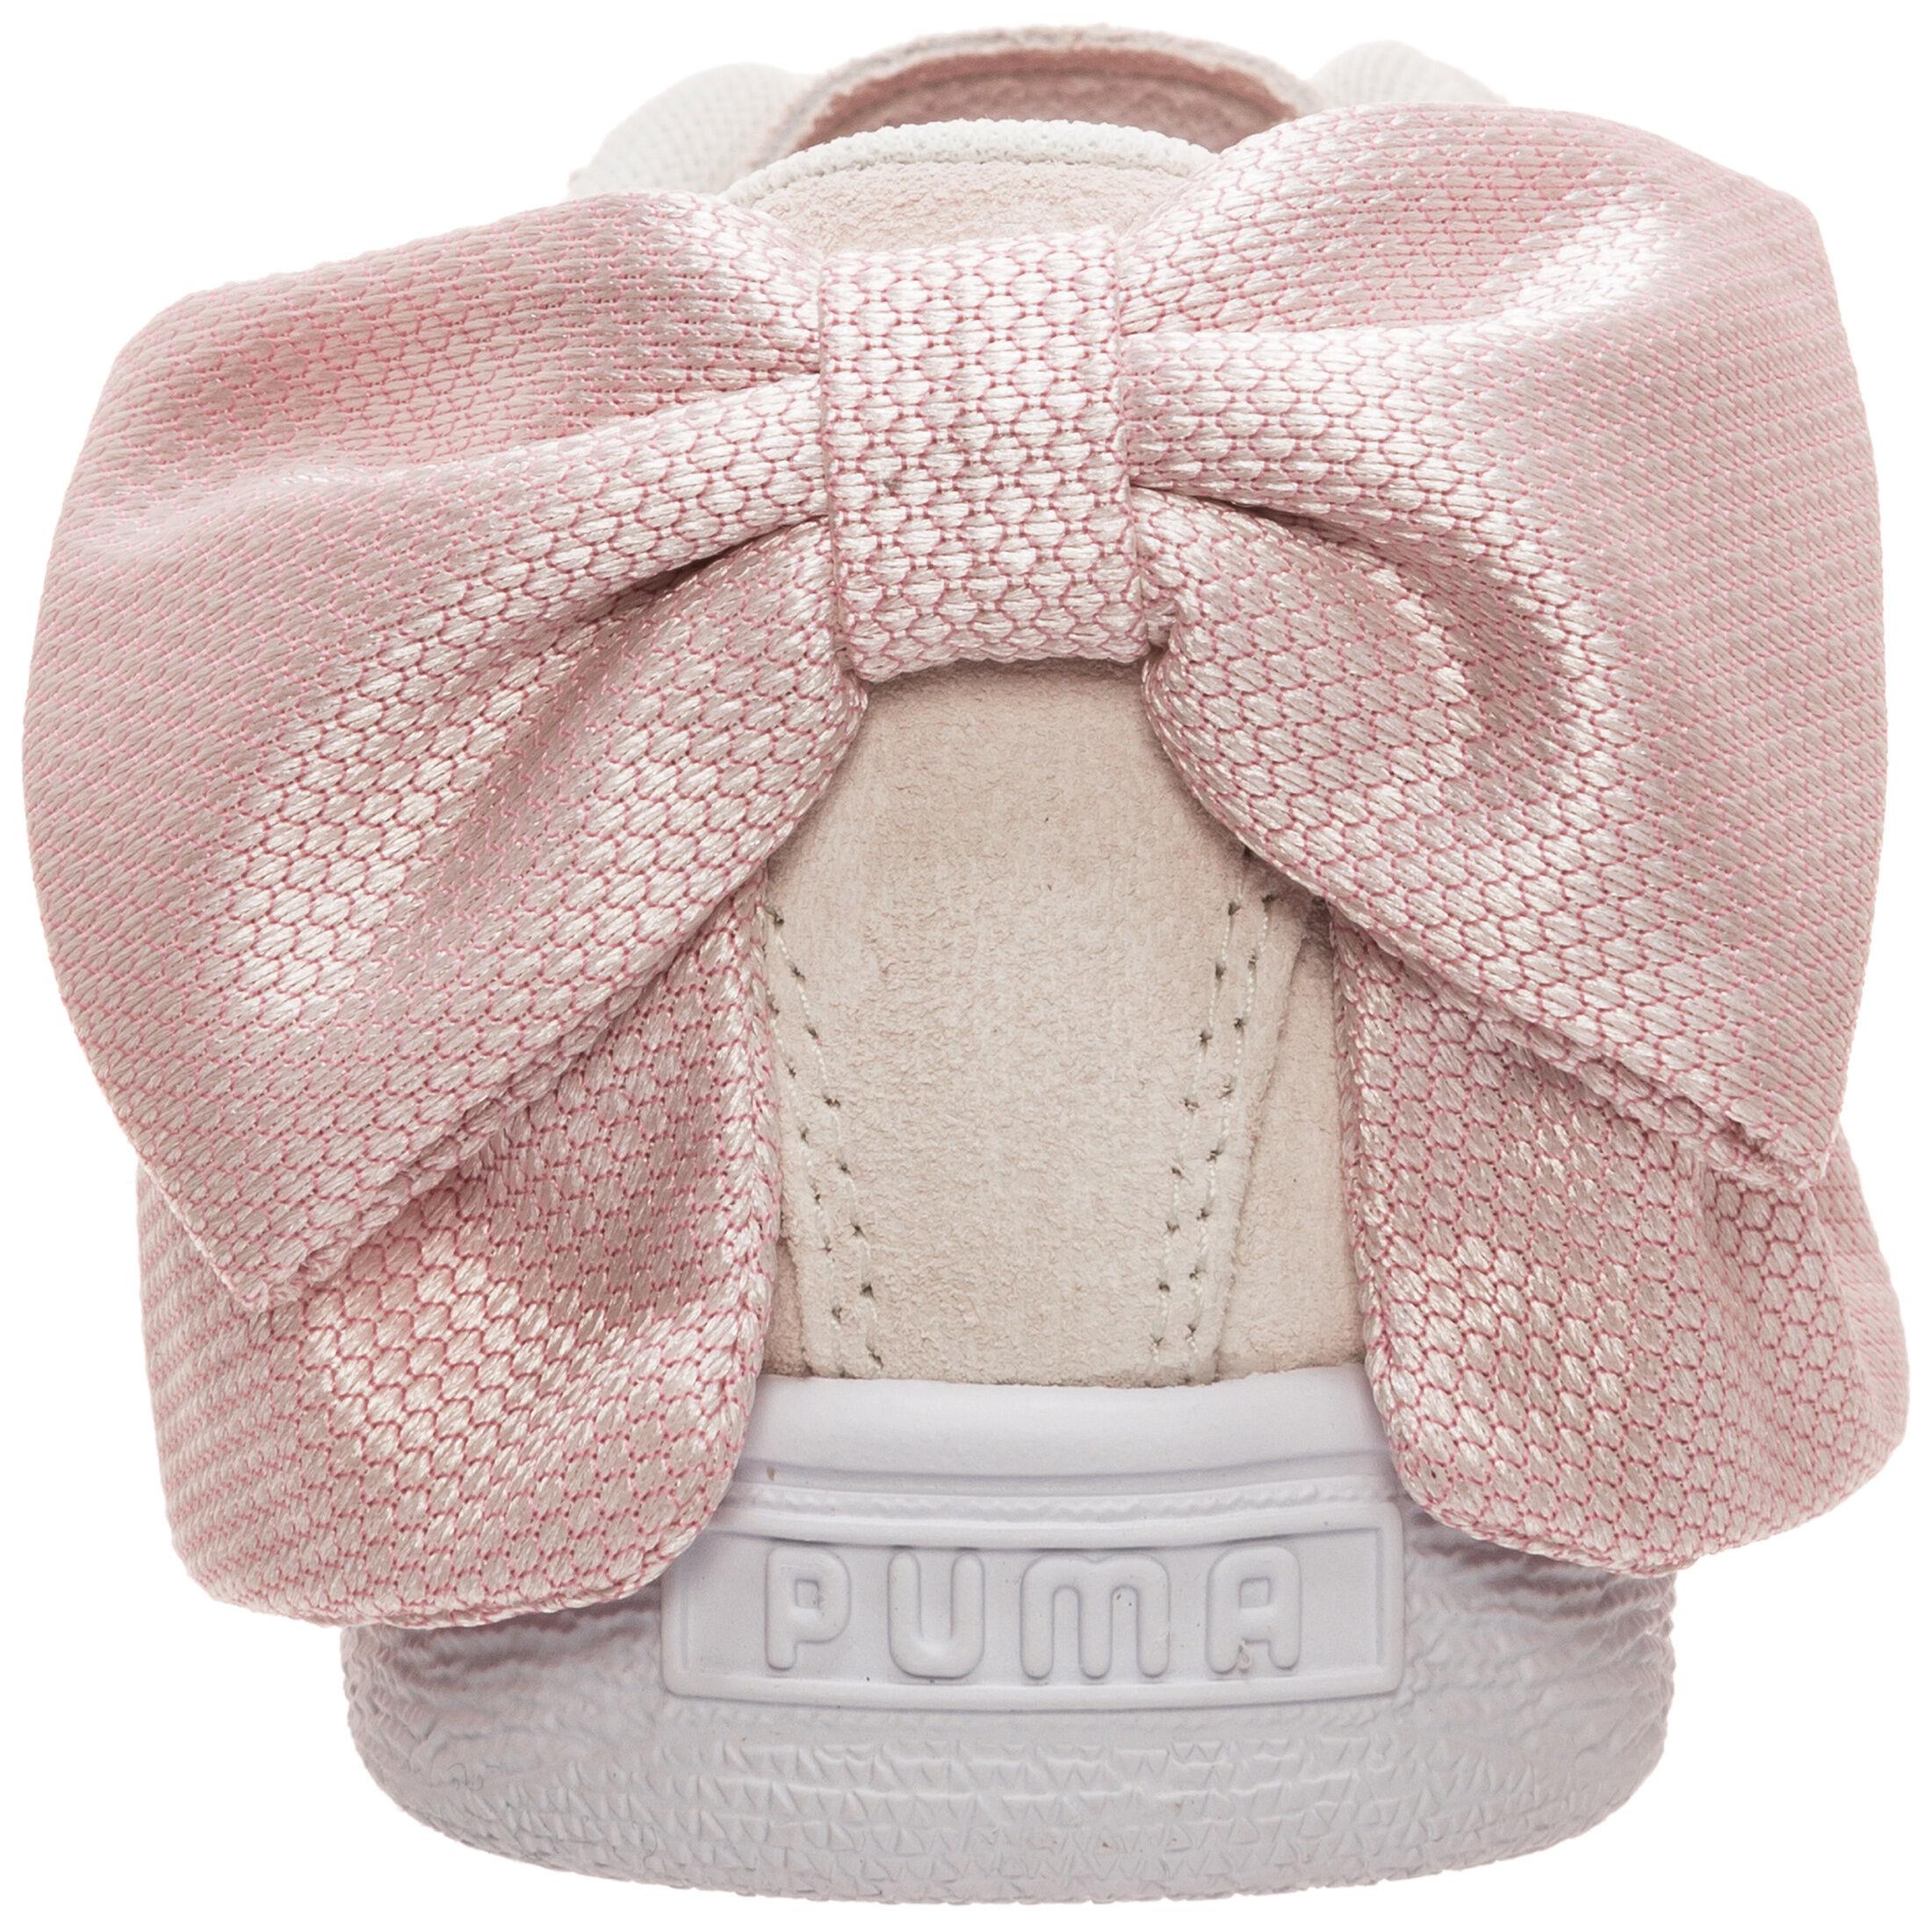 Puma Suede Bow Hexamesh Sneaker Damen bei OUTFITTER